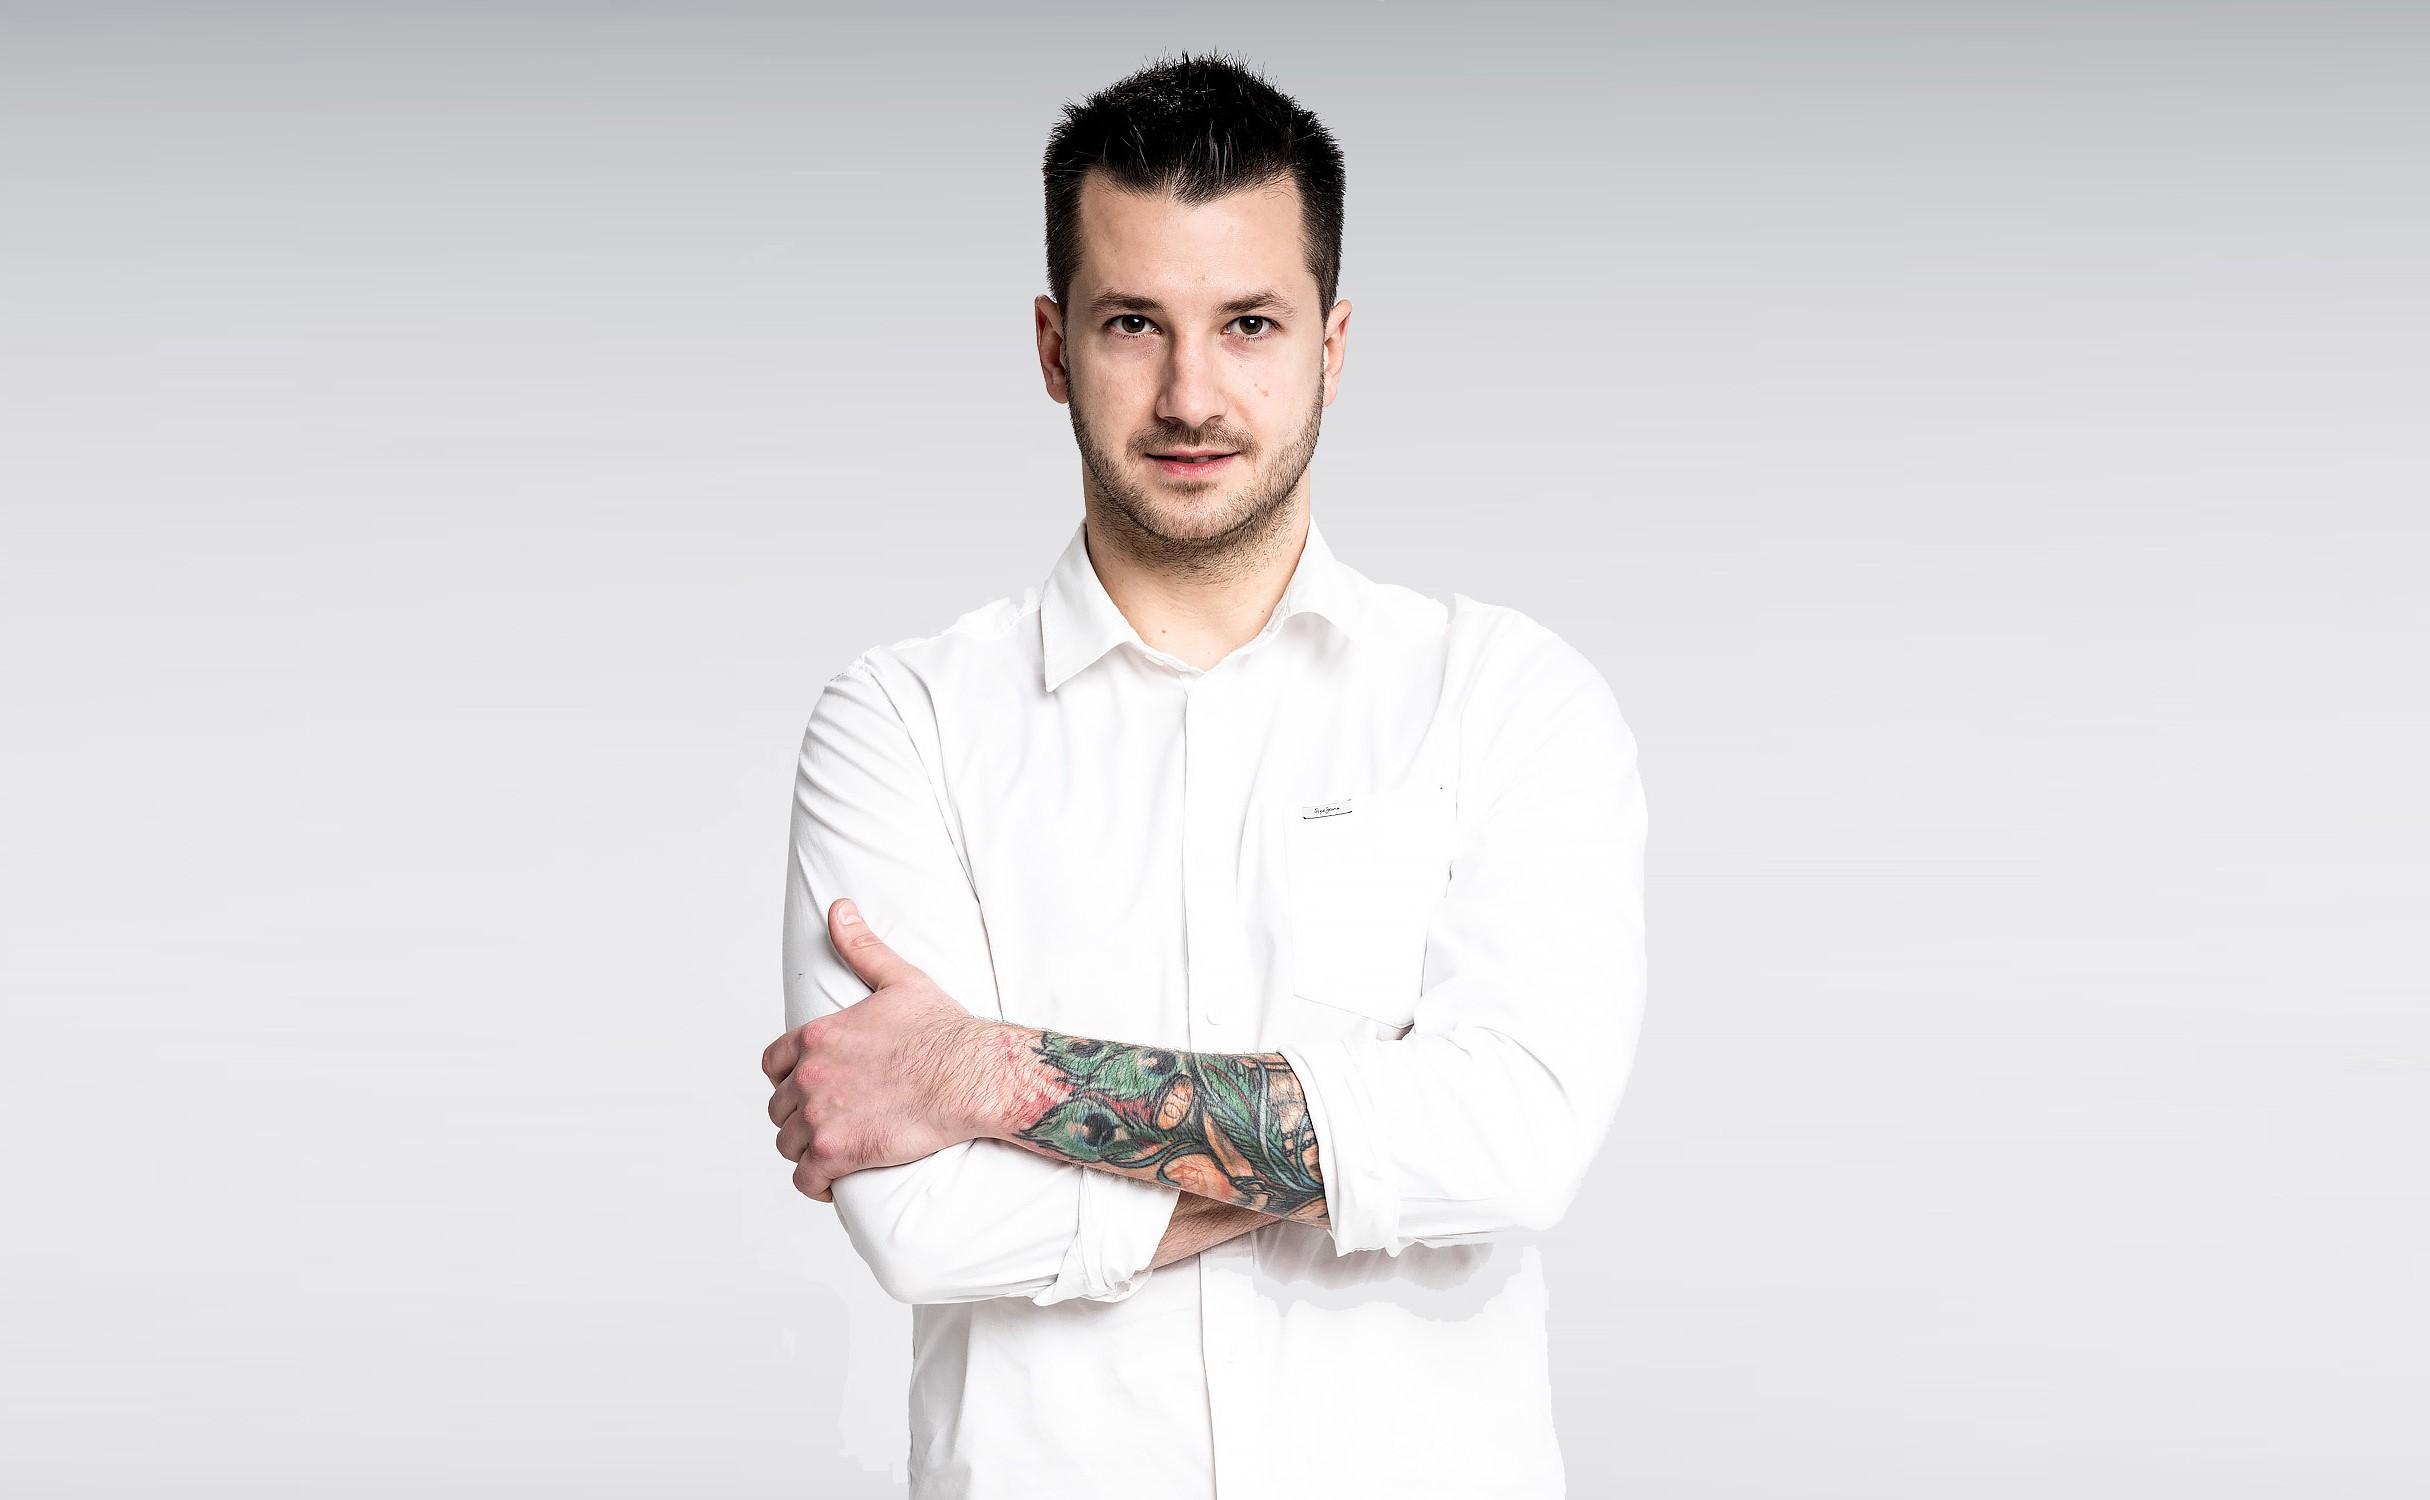 Jan Ożarowski